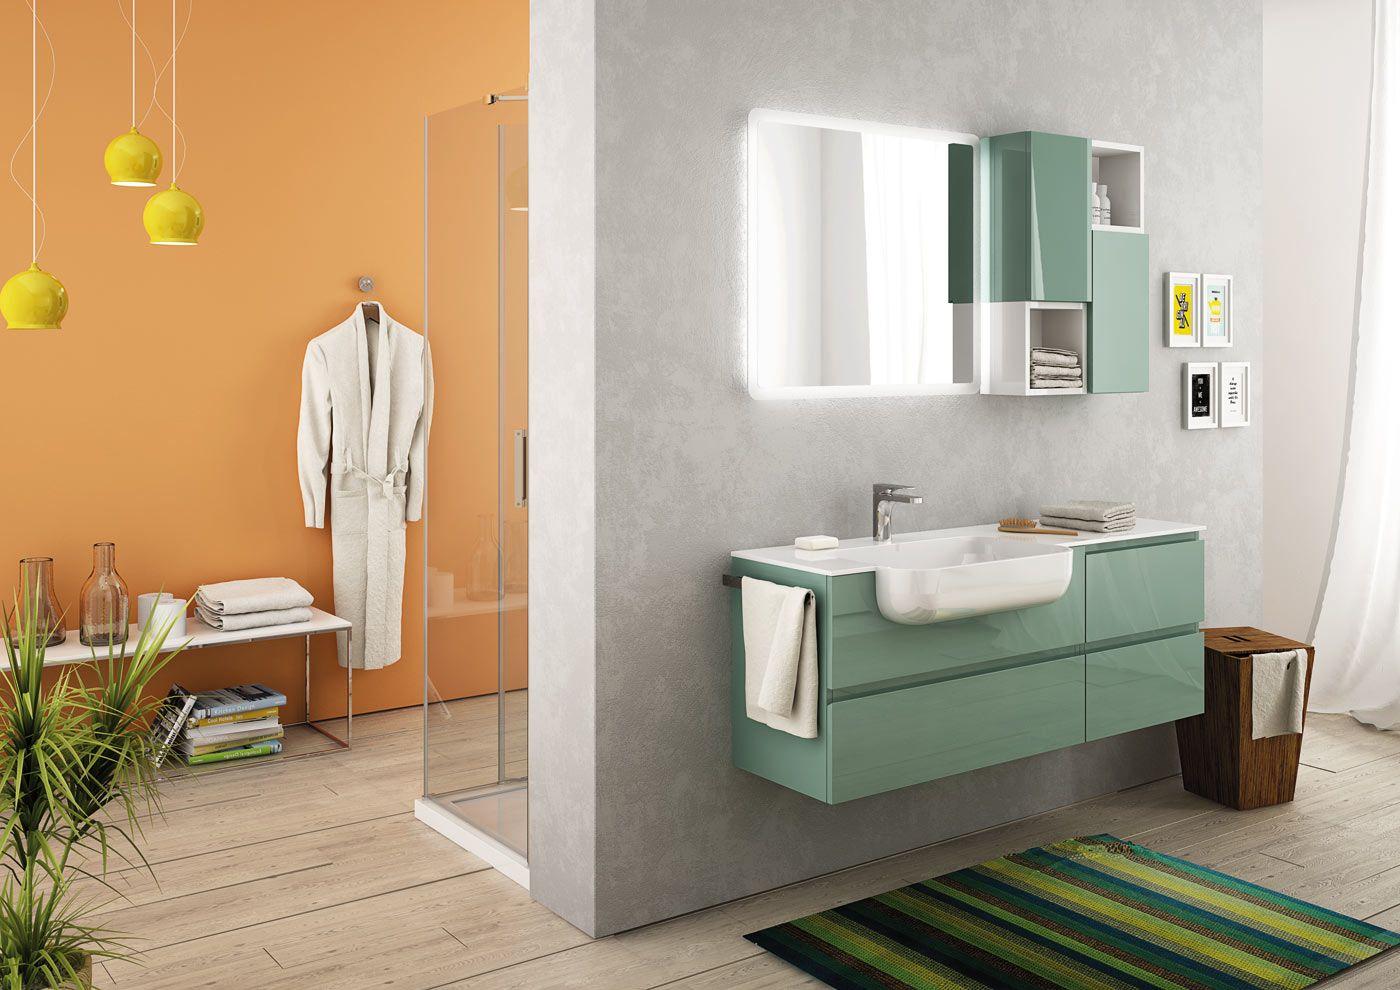 Mobile bagno verde acqua wc84 regardsdefemmes - Bagno verde salvia ...